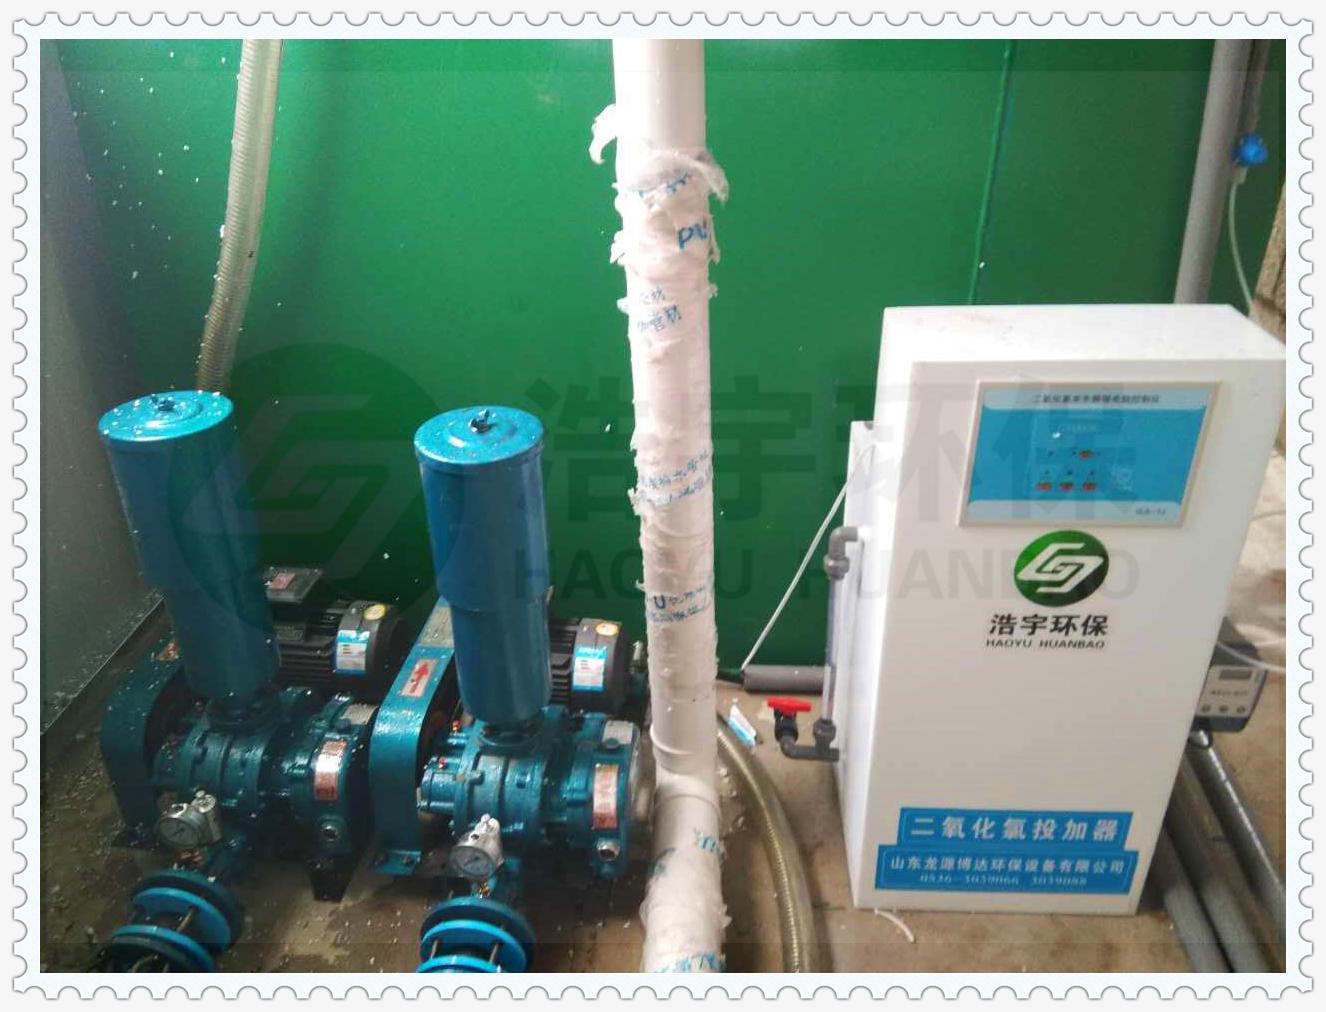 洗涤服务中心中水回用设备 <br> 全新  价格:18888 <br> <img src=http://k.kqzp.cn/img/up/img/5f23d0ebad208.jpg